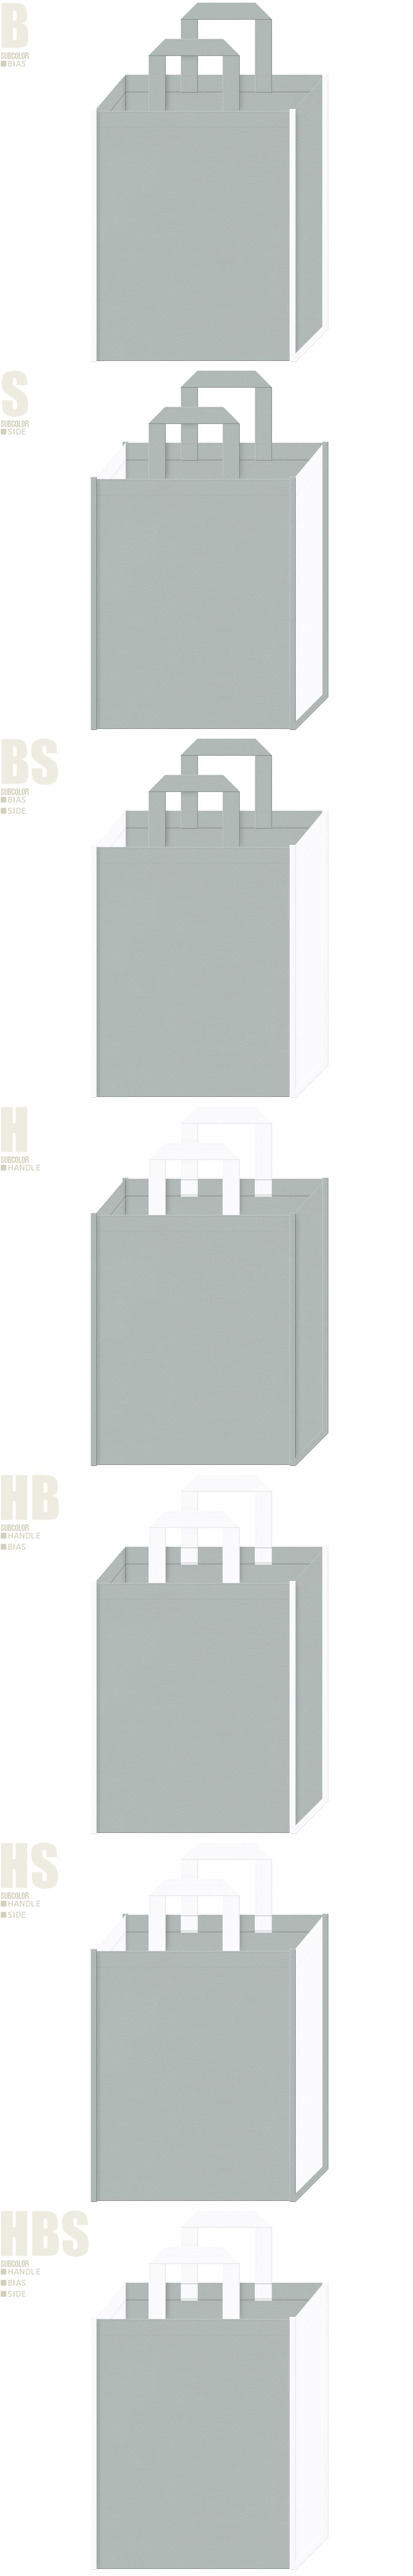 グレー色と白色-7パターンの不織布トートバッグ配色デザイン例